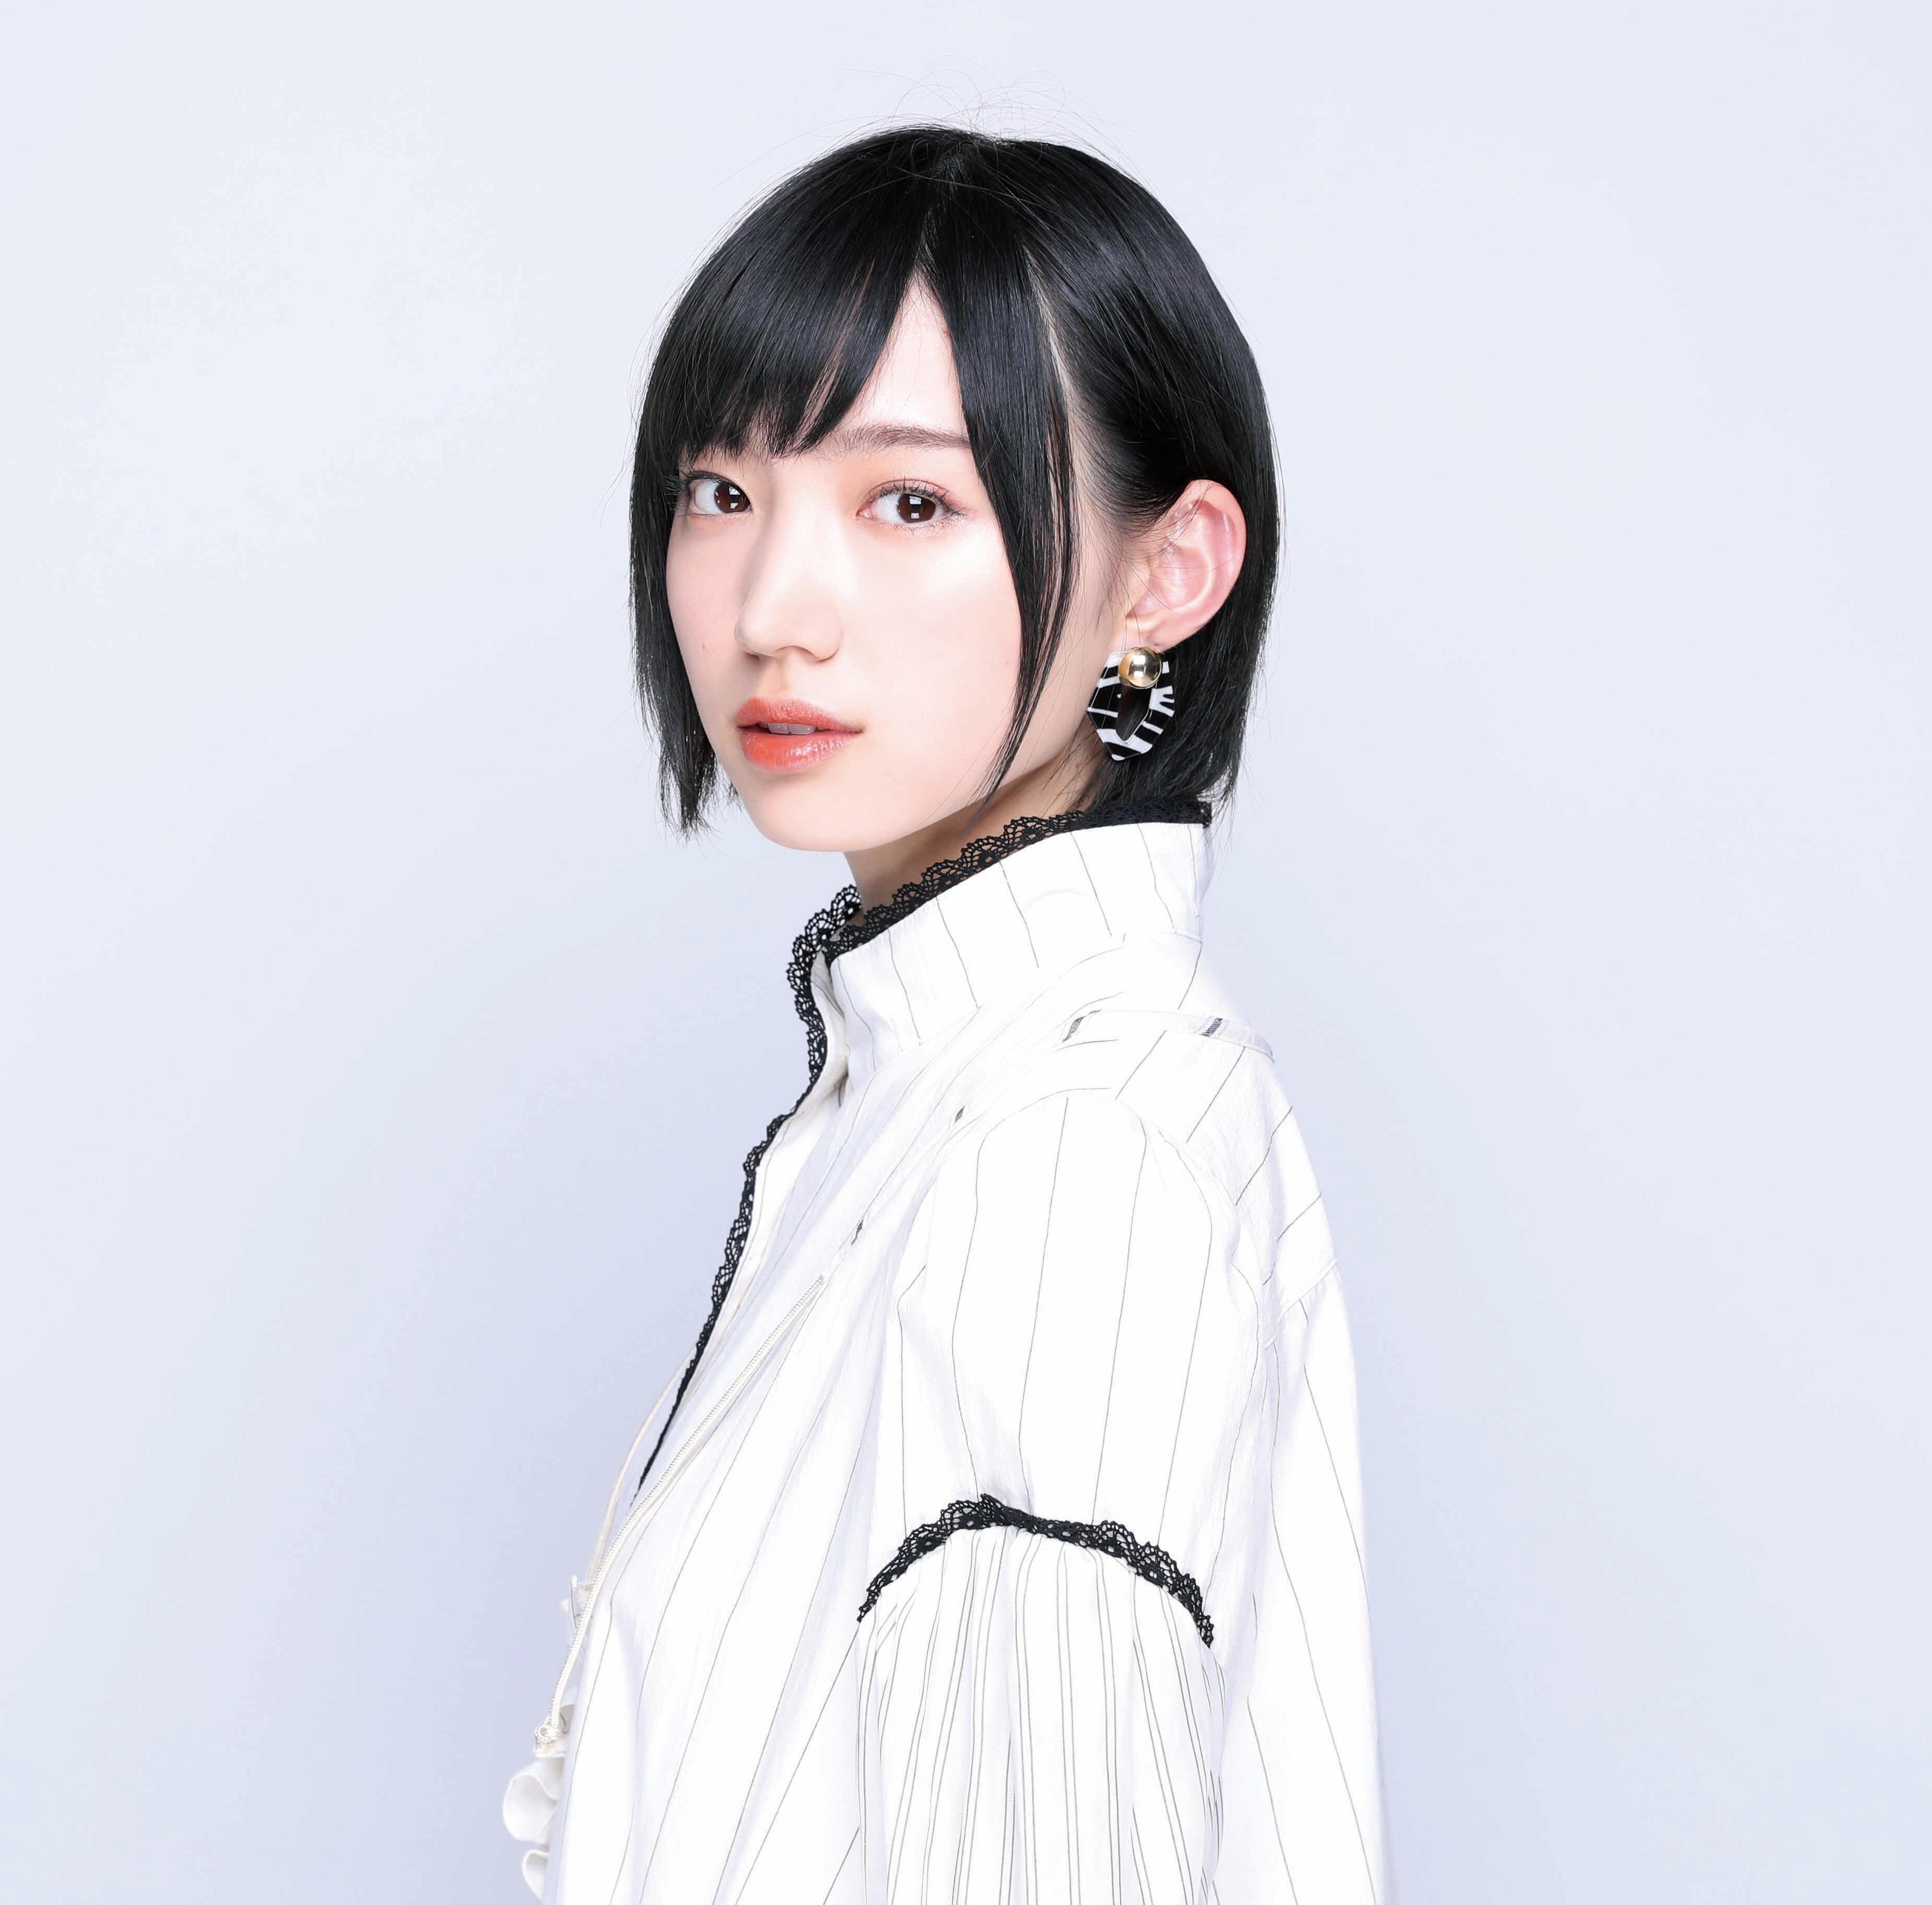 太田夢莉・直筆バレンタインカードプレゼント!